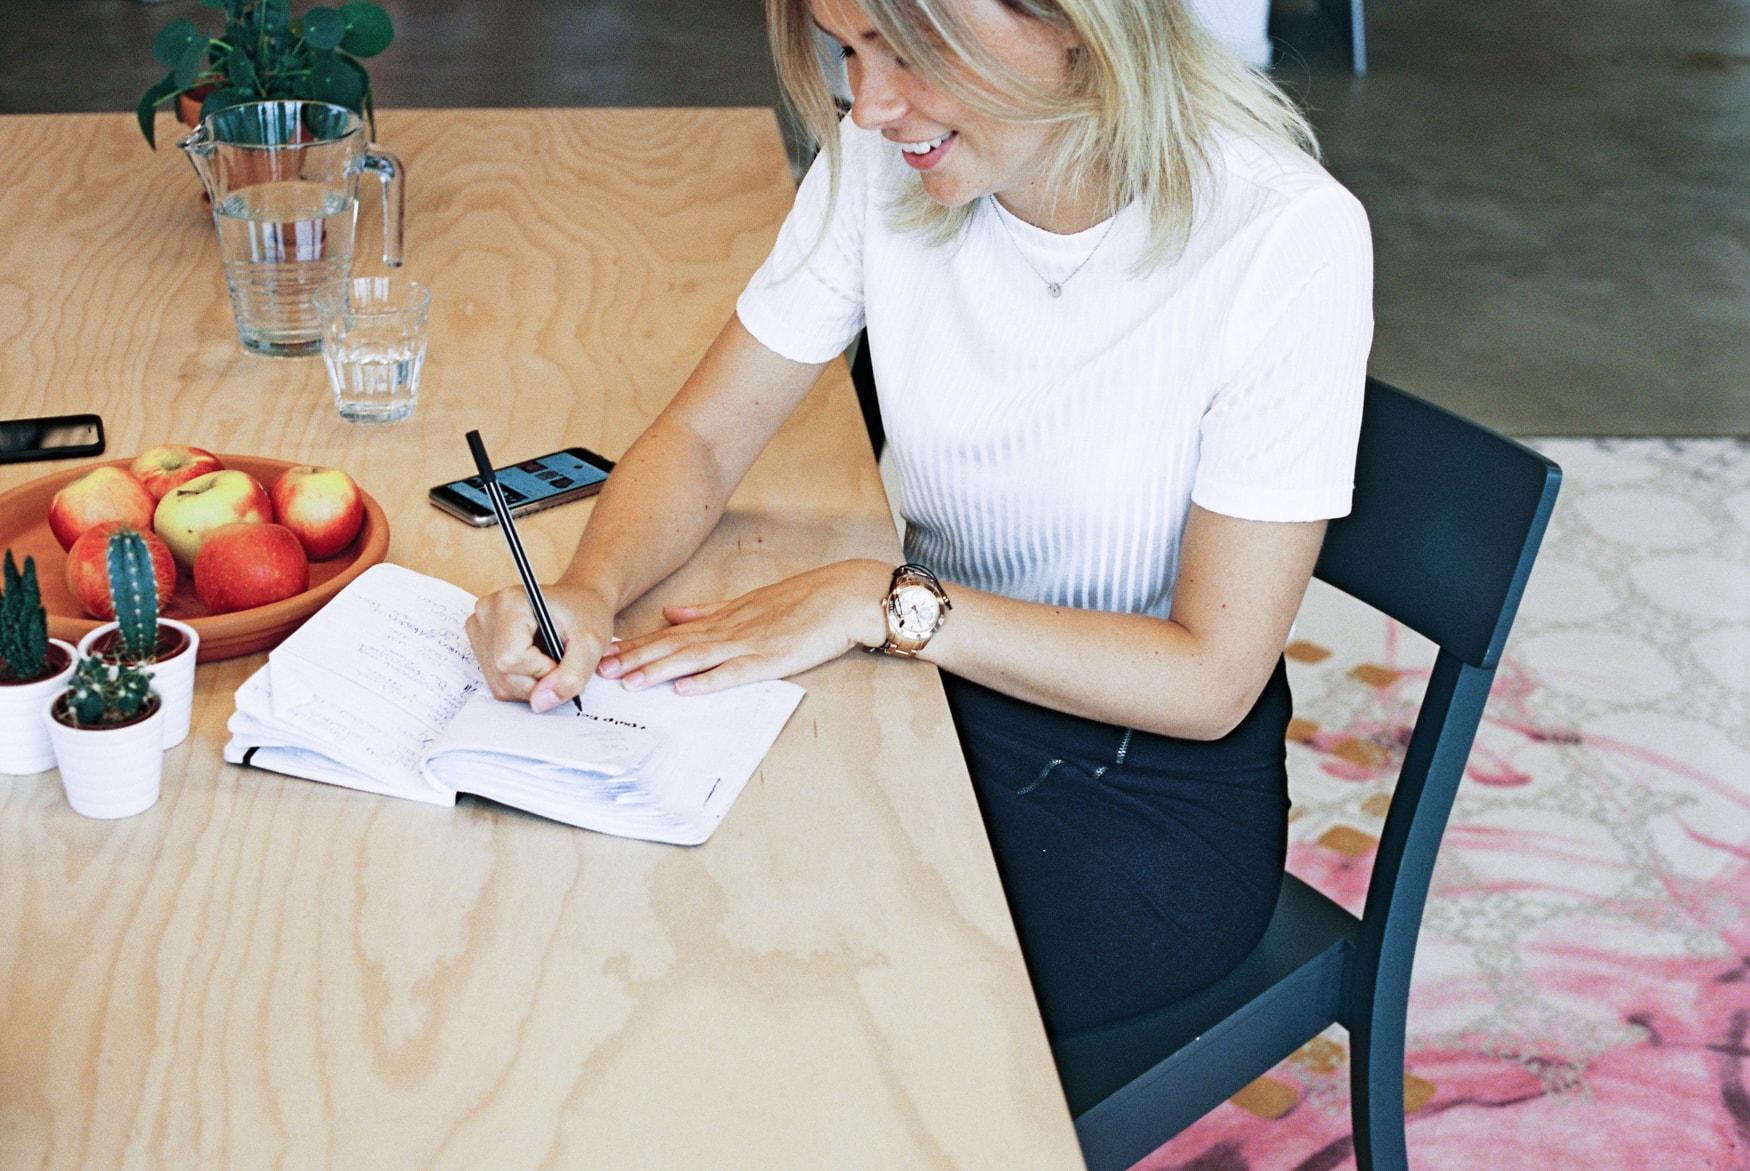 Jobben im Studium - Wie finde ich einen guten Studentenjob? Bild Werken-in-de-webcare_22-min